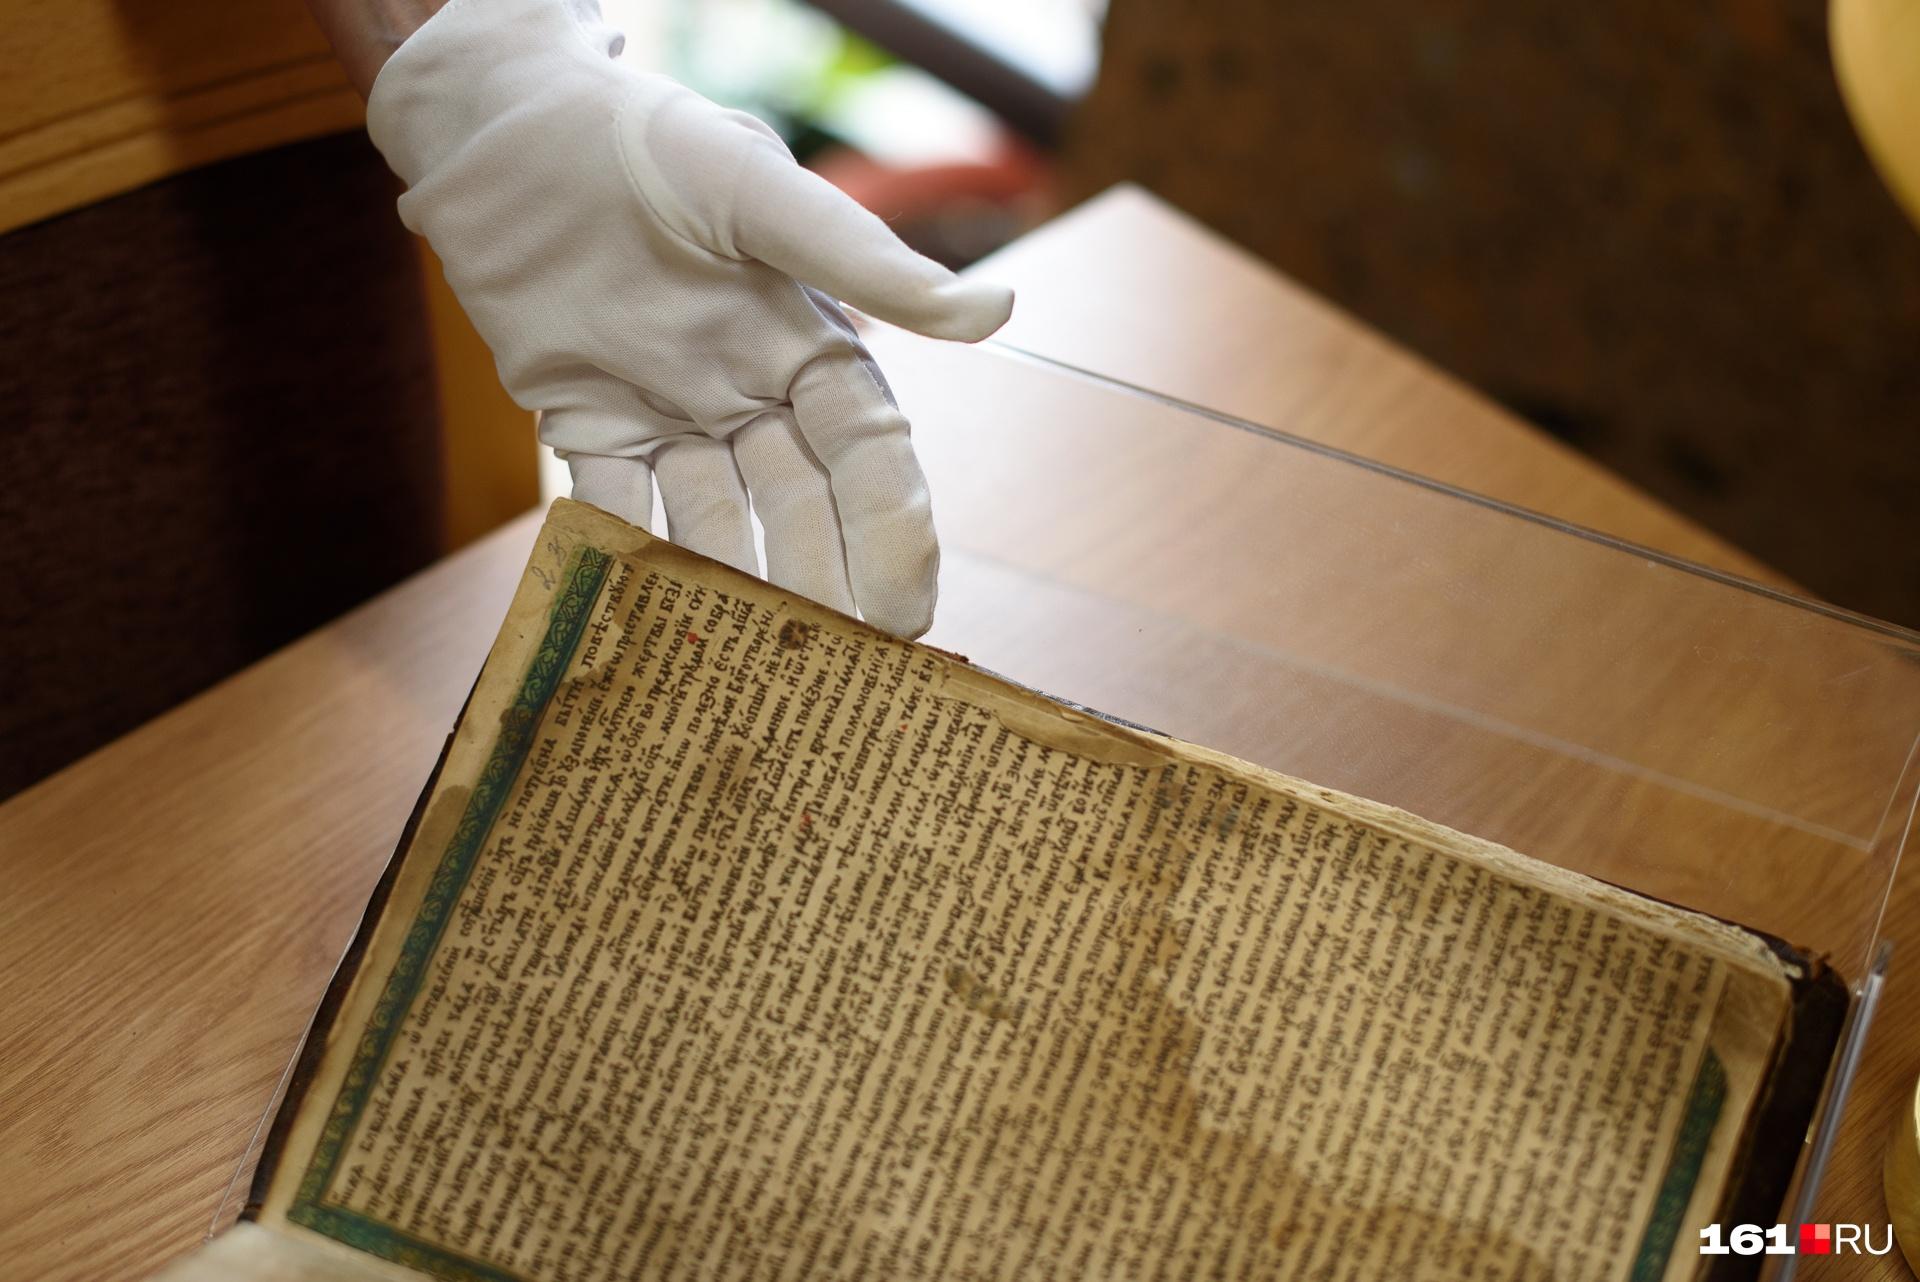 Поминальная книга — еще один артефакт на нашей секретной экскурсии. Середина XVIII века, третье издание синодика Леонтия Бунина